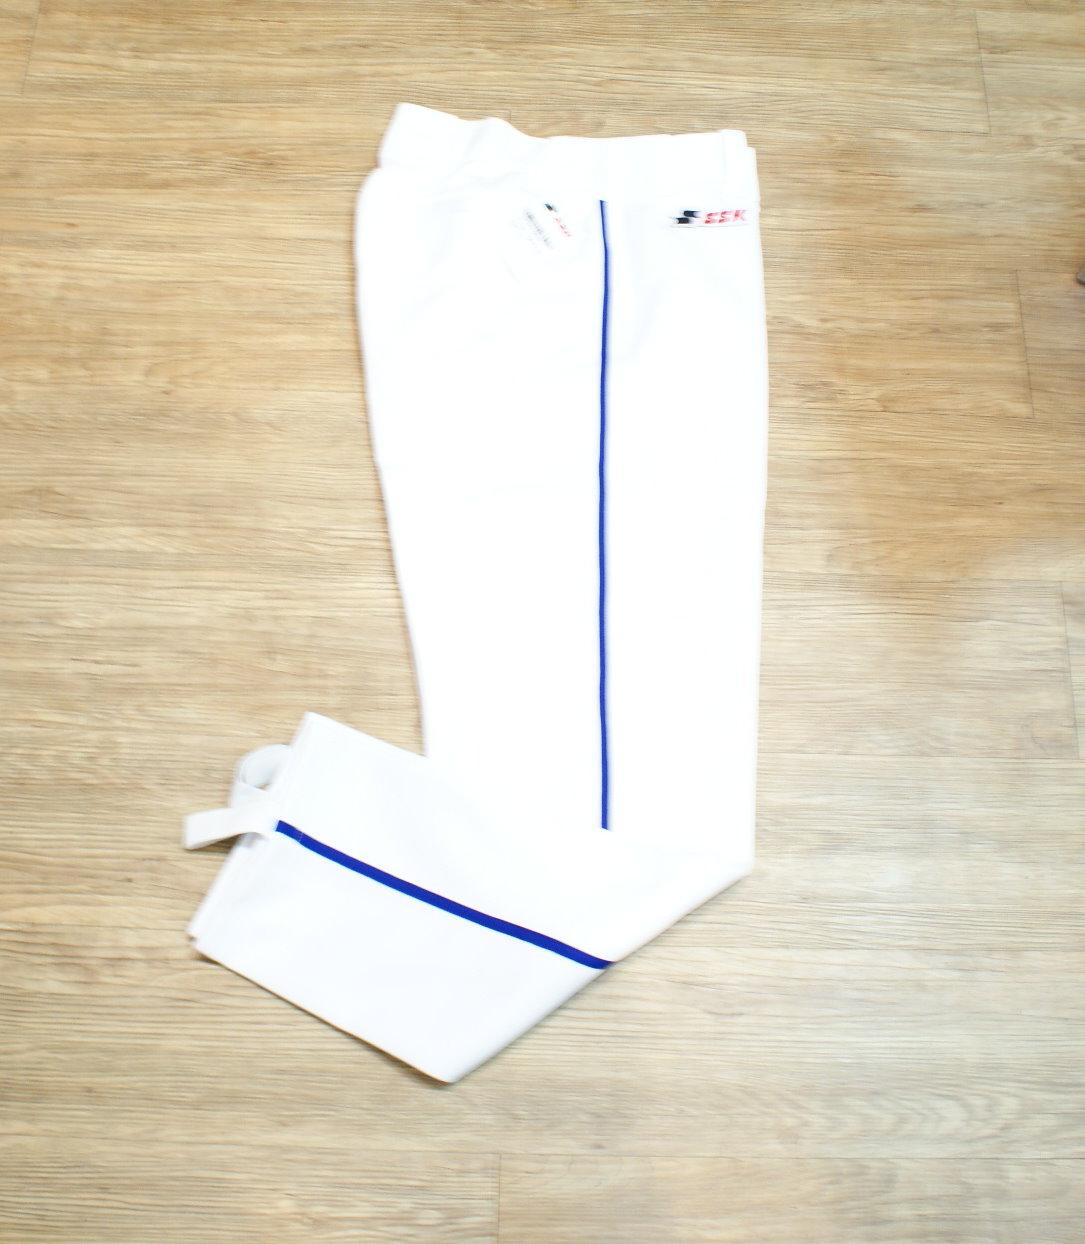 棒球世界ssk 最新款棒壘球褲 TUP200 特價三色